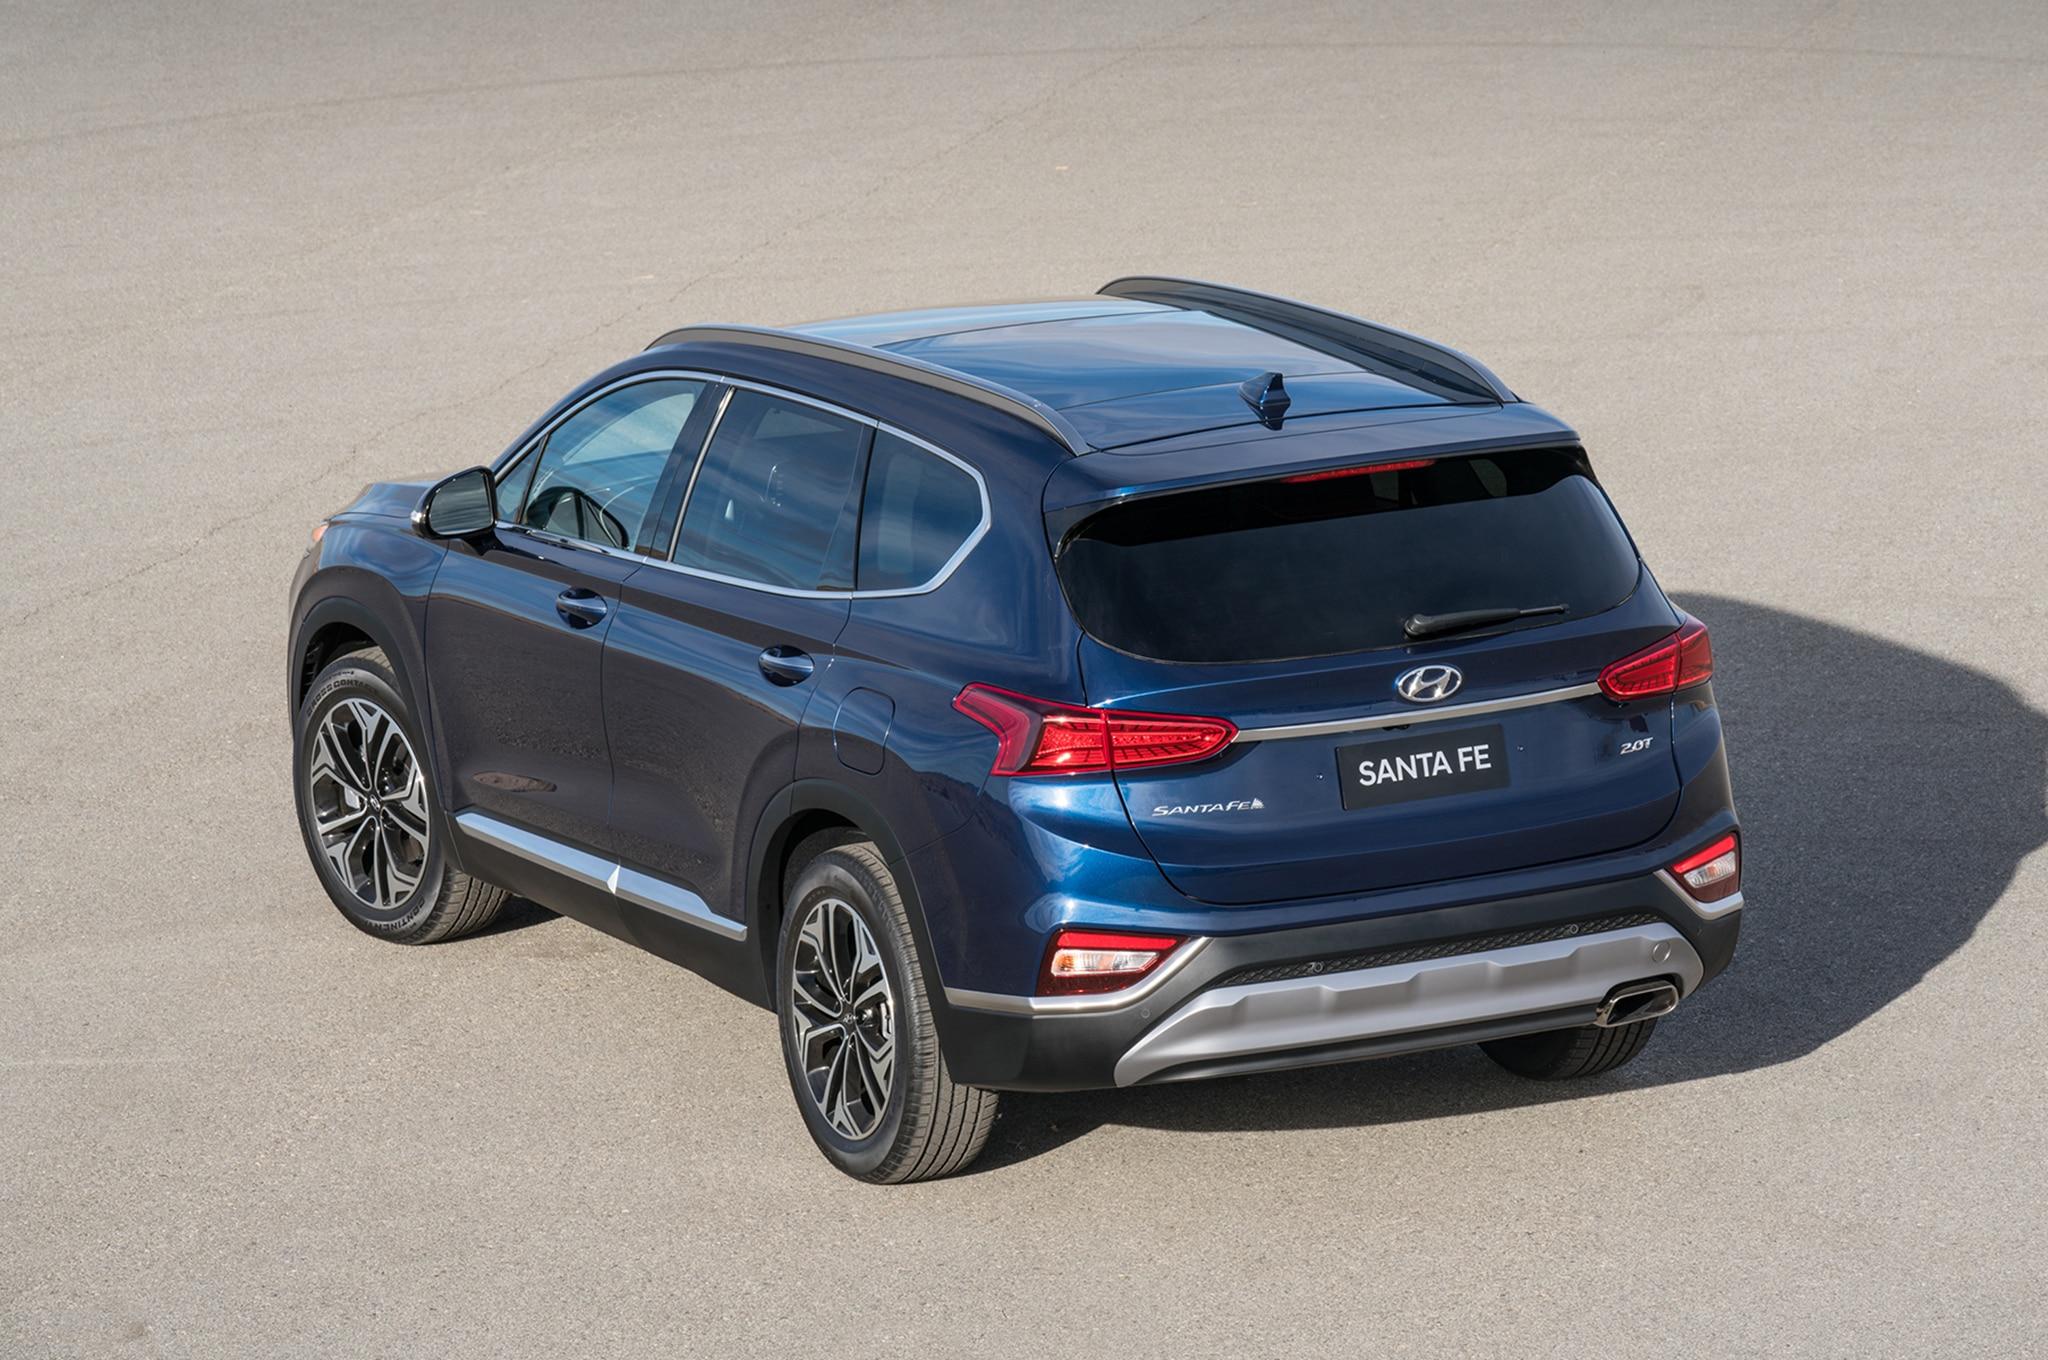 2018 - [Hyundai] Santa Fe IV - Page 3 2019-Hyundai-Santa-Fe-rear-three-quarter-10